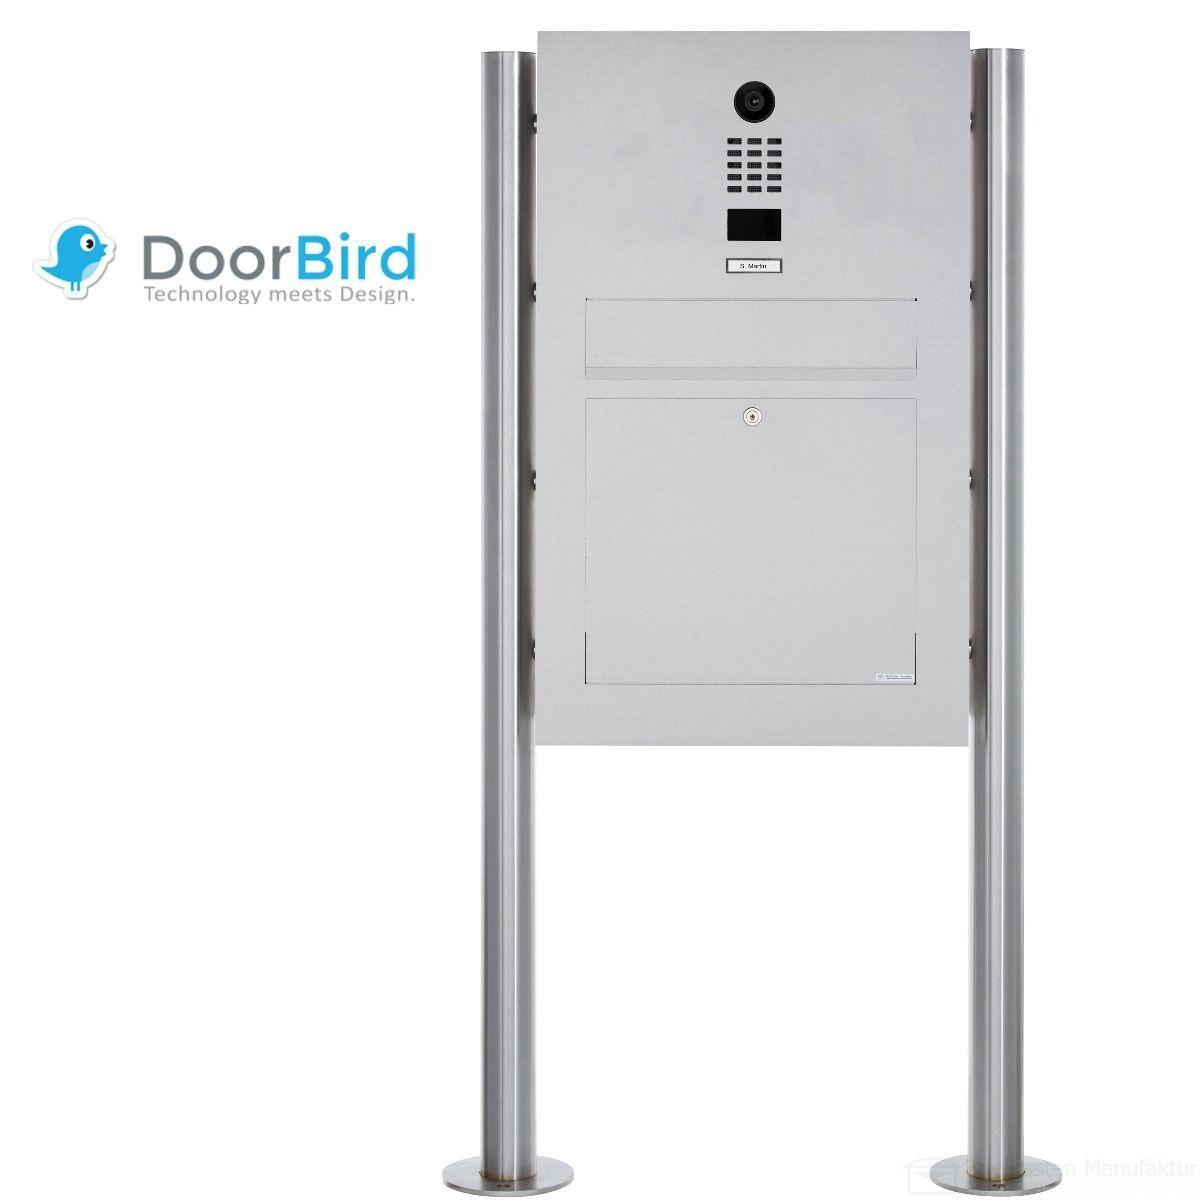 Edelstahl Standbriefkasten Designer Modell Big St R Mit Doorbird Video Sprechanlage Kasten Standbriefkasten Edelstahl